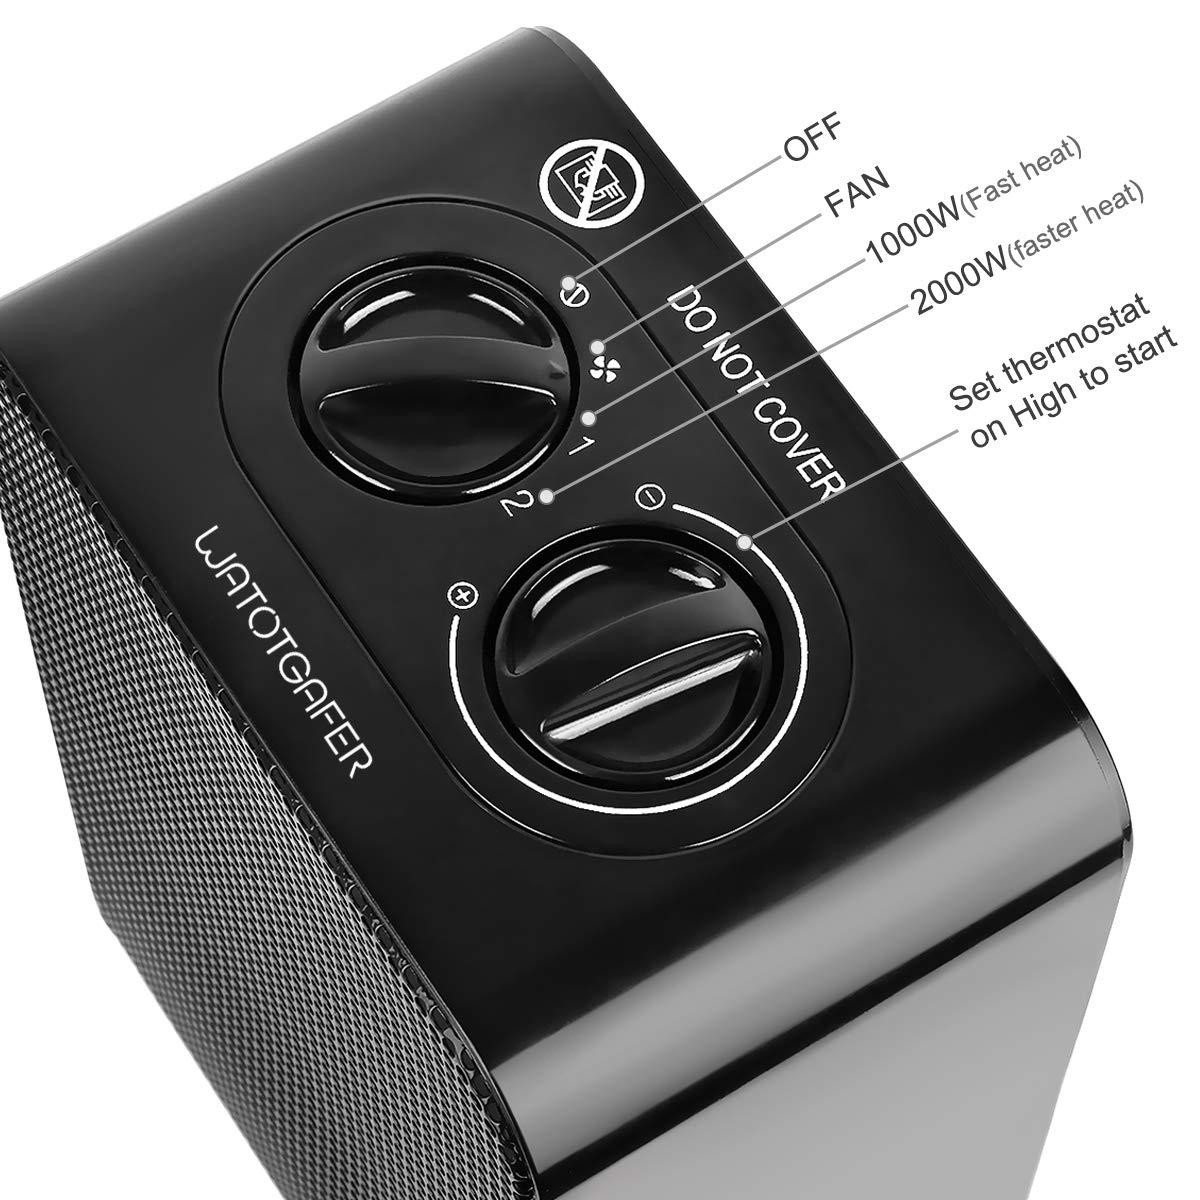 45/°Doscillation Protection Anti-Surchauffe 2 puissances 2000 W Chauffage Mobile Soufflant Convient pour Salon WATOTGAFER Mini Radiateur Soufflant Electrique C/éramique Chambre et Bureau